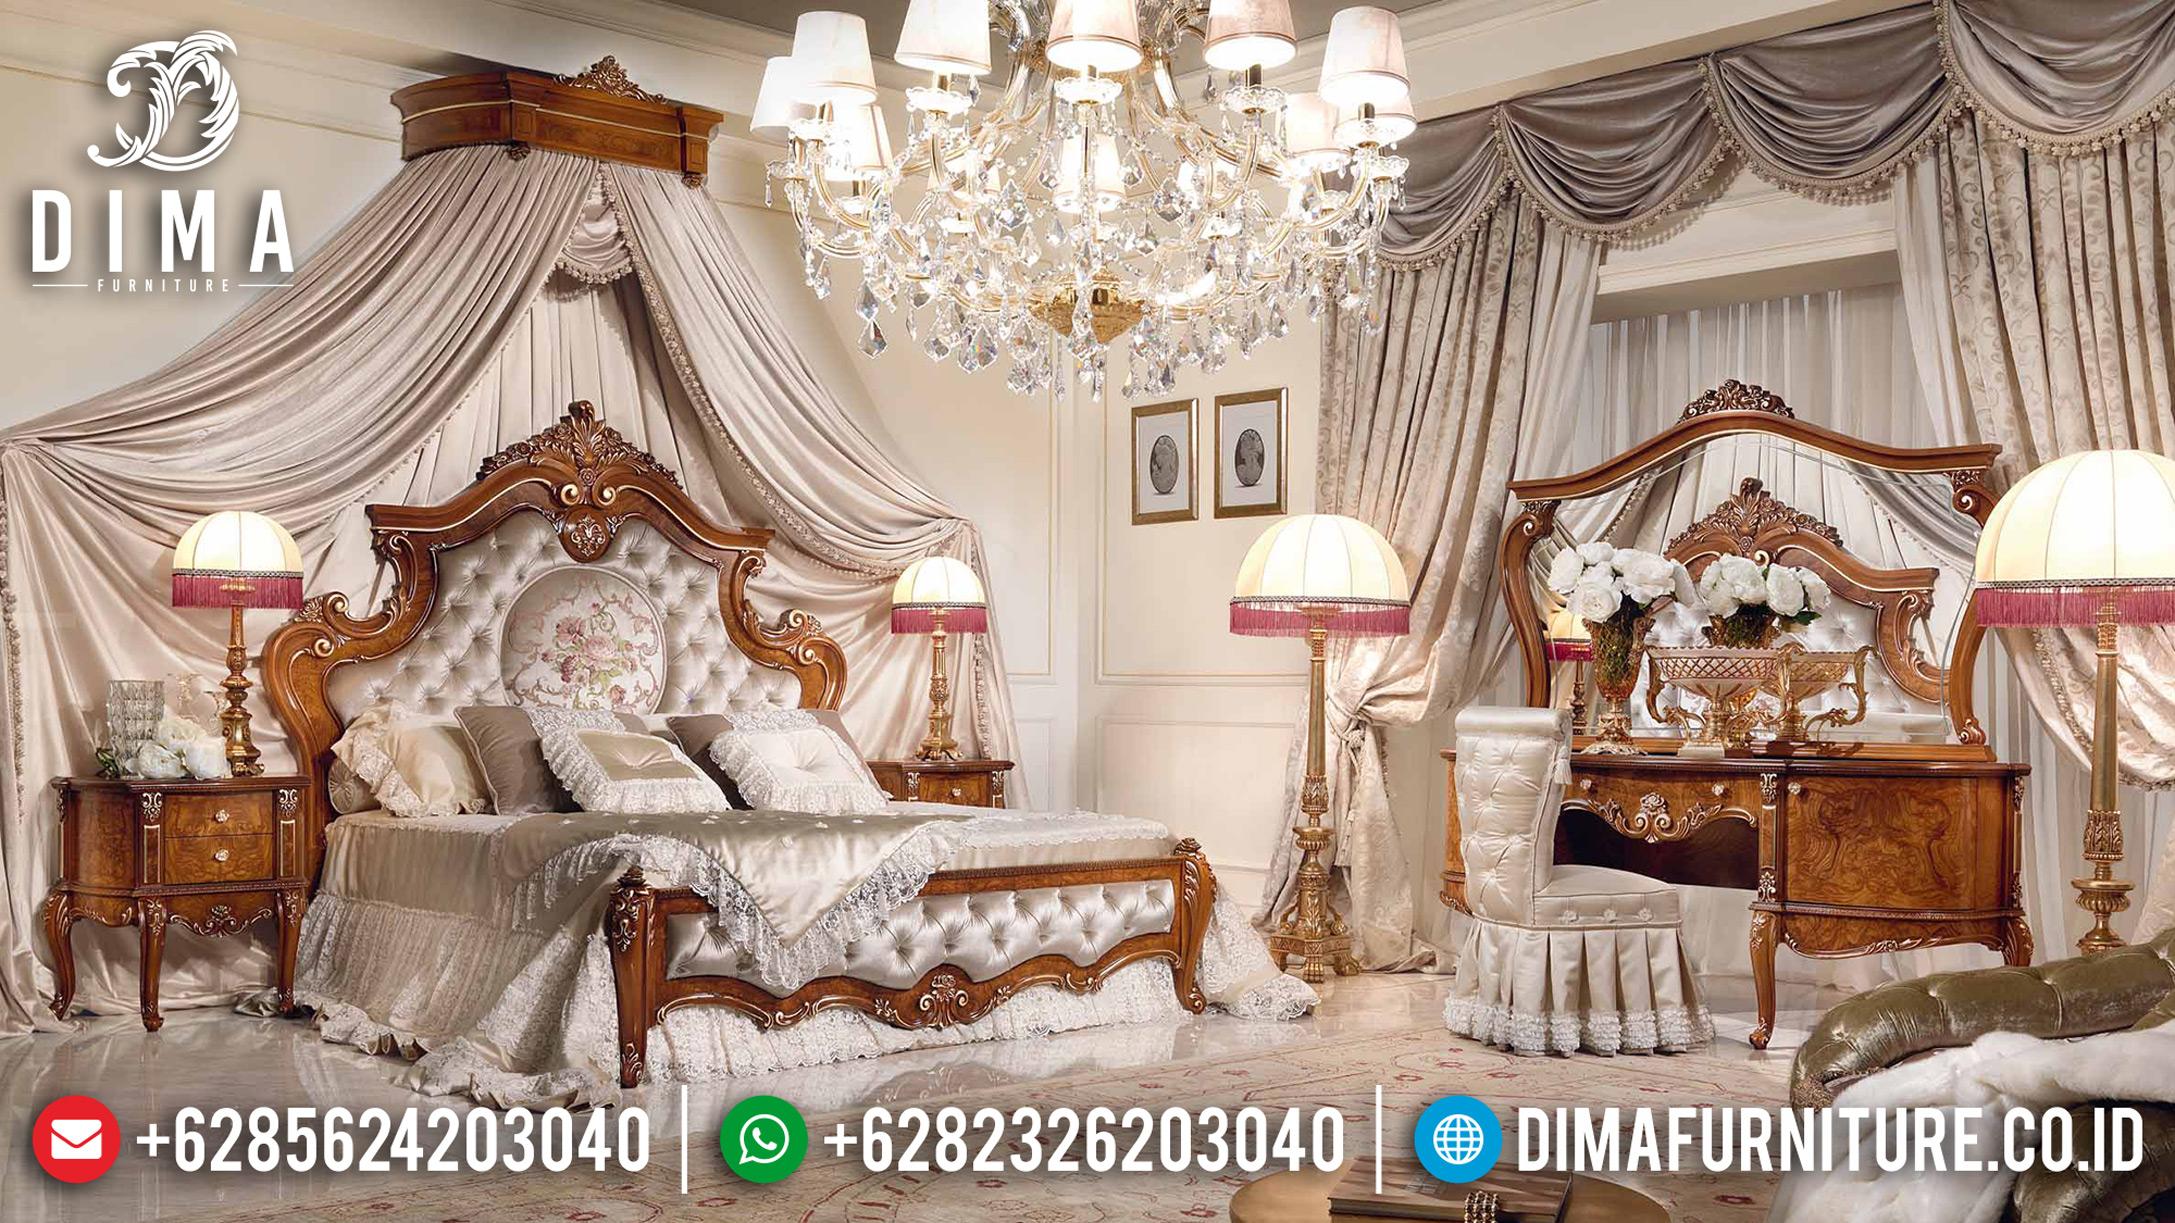 20+ Tempat Tidur Jepara Mewah Dan Minimalis Pilihan Tahun 2019 020 Dima Furniture Jepara